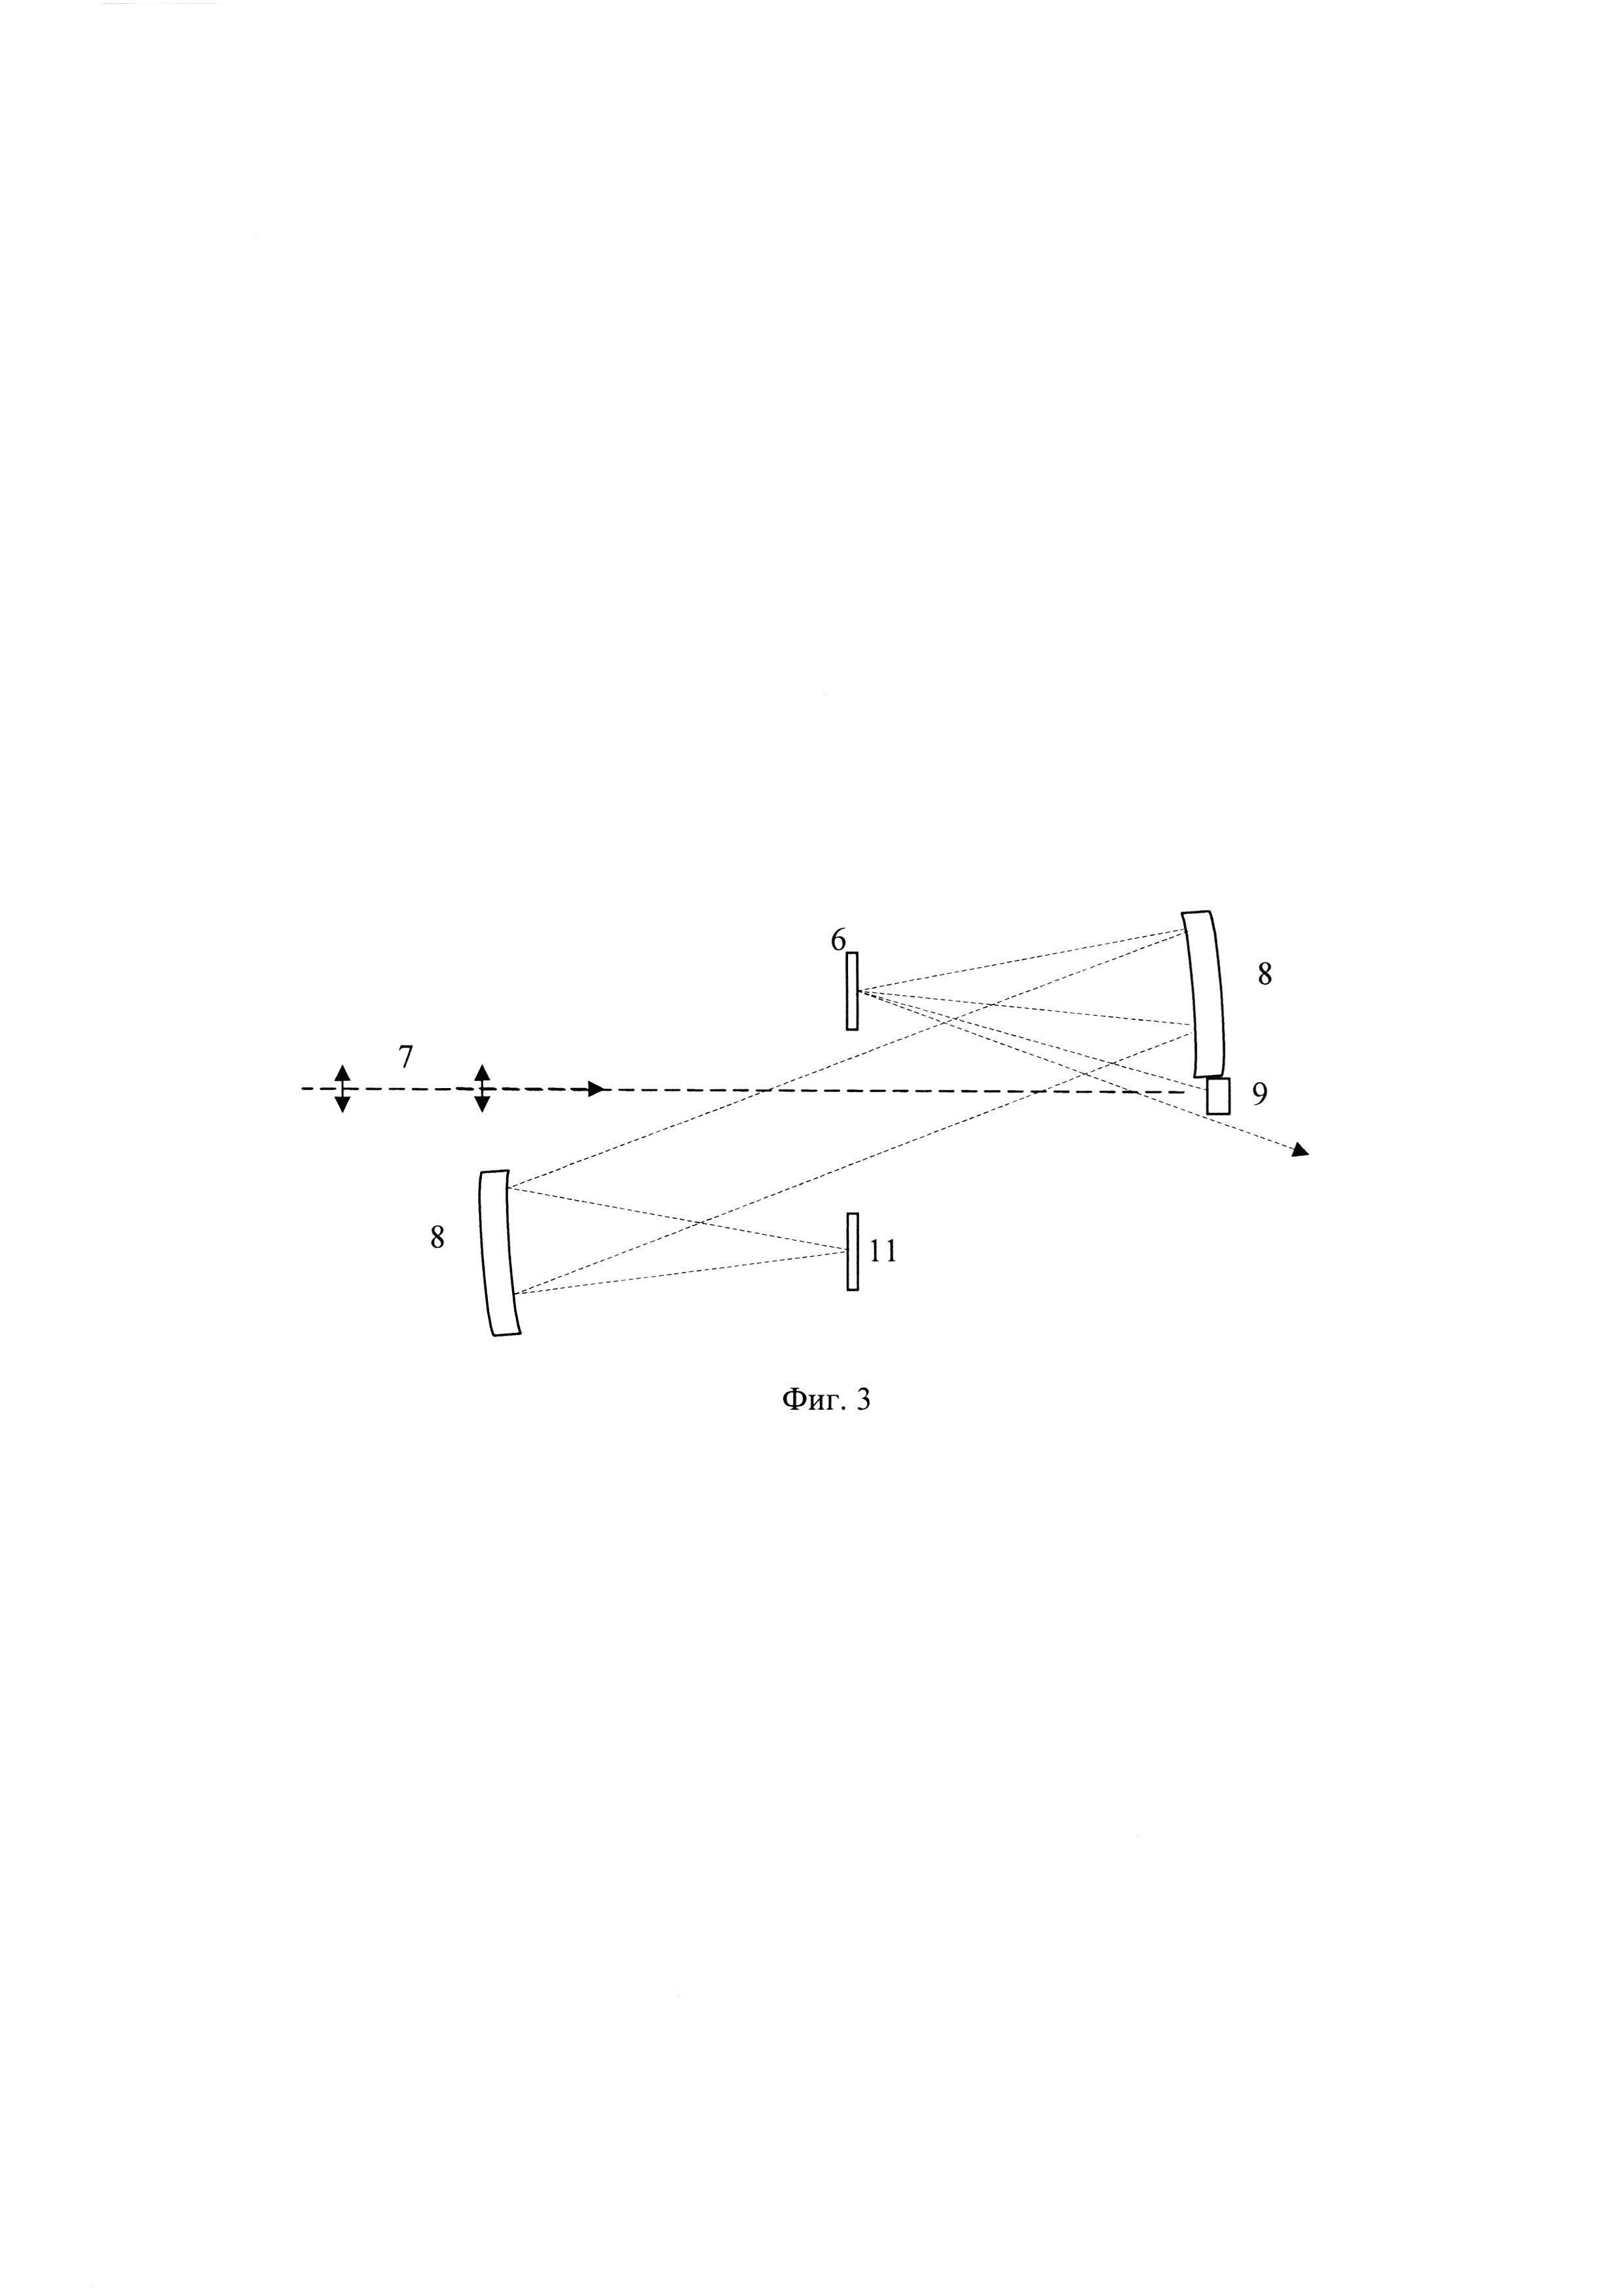 Дисковый лазерный неустойчивый резонатор для обеспечения выходного лазерного сигнала с близким к дифракционному качеством пучка